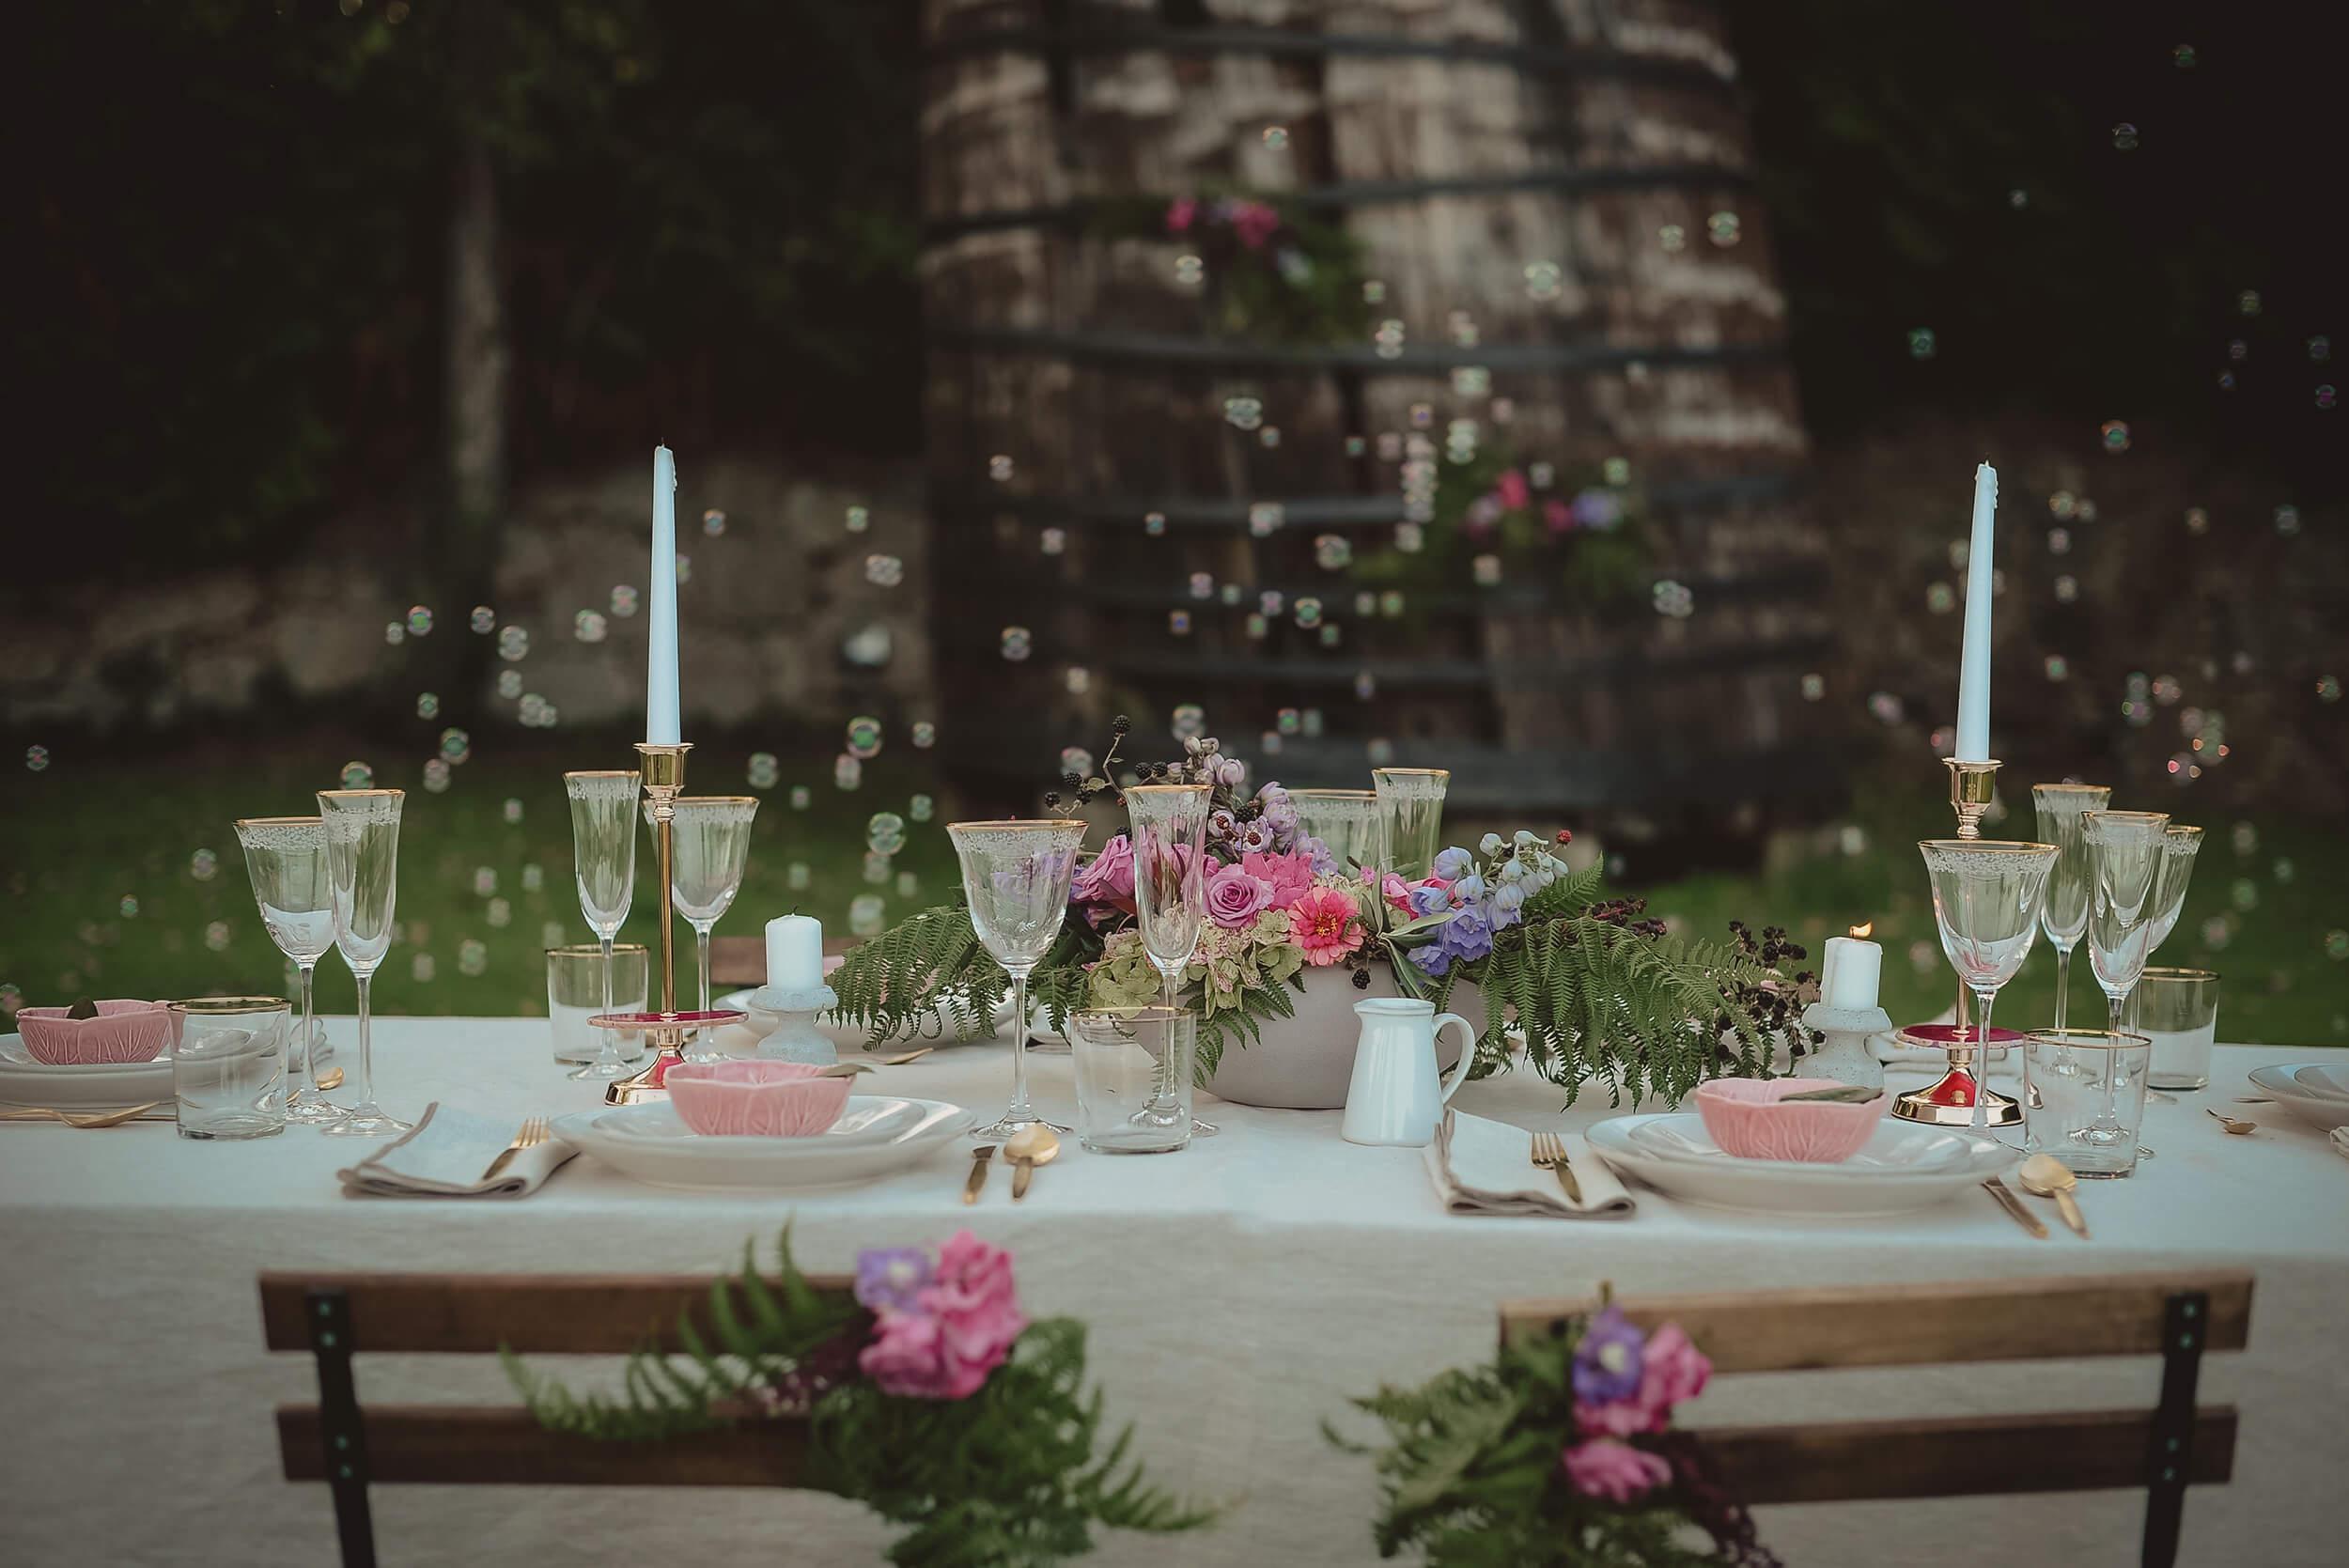 roma-organizacao-eventos-editorial-casamento-colorful-wedding-45